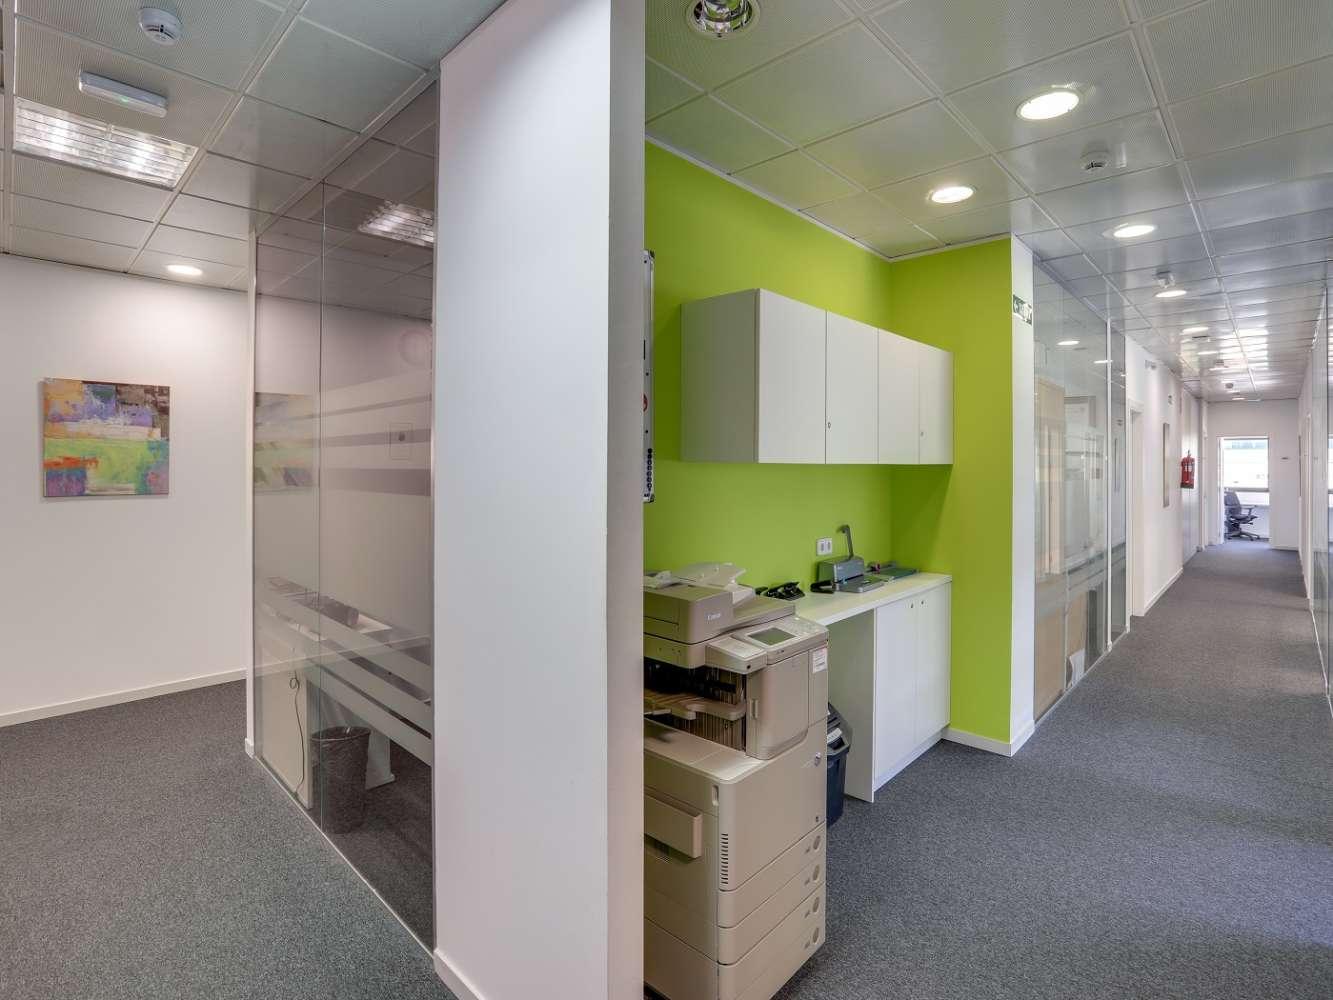 Oficina Las rozas de madrid, 28232 - Coworking - Las Rozas - 20146